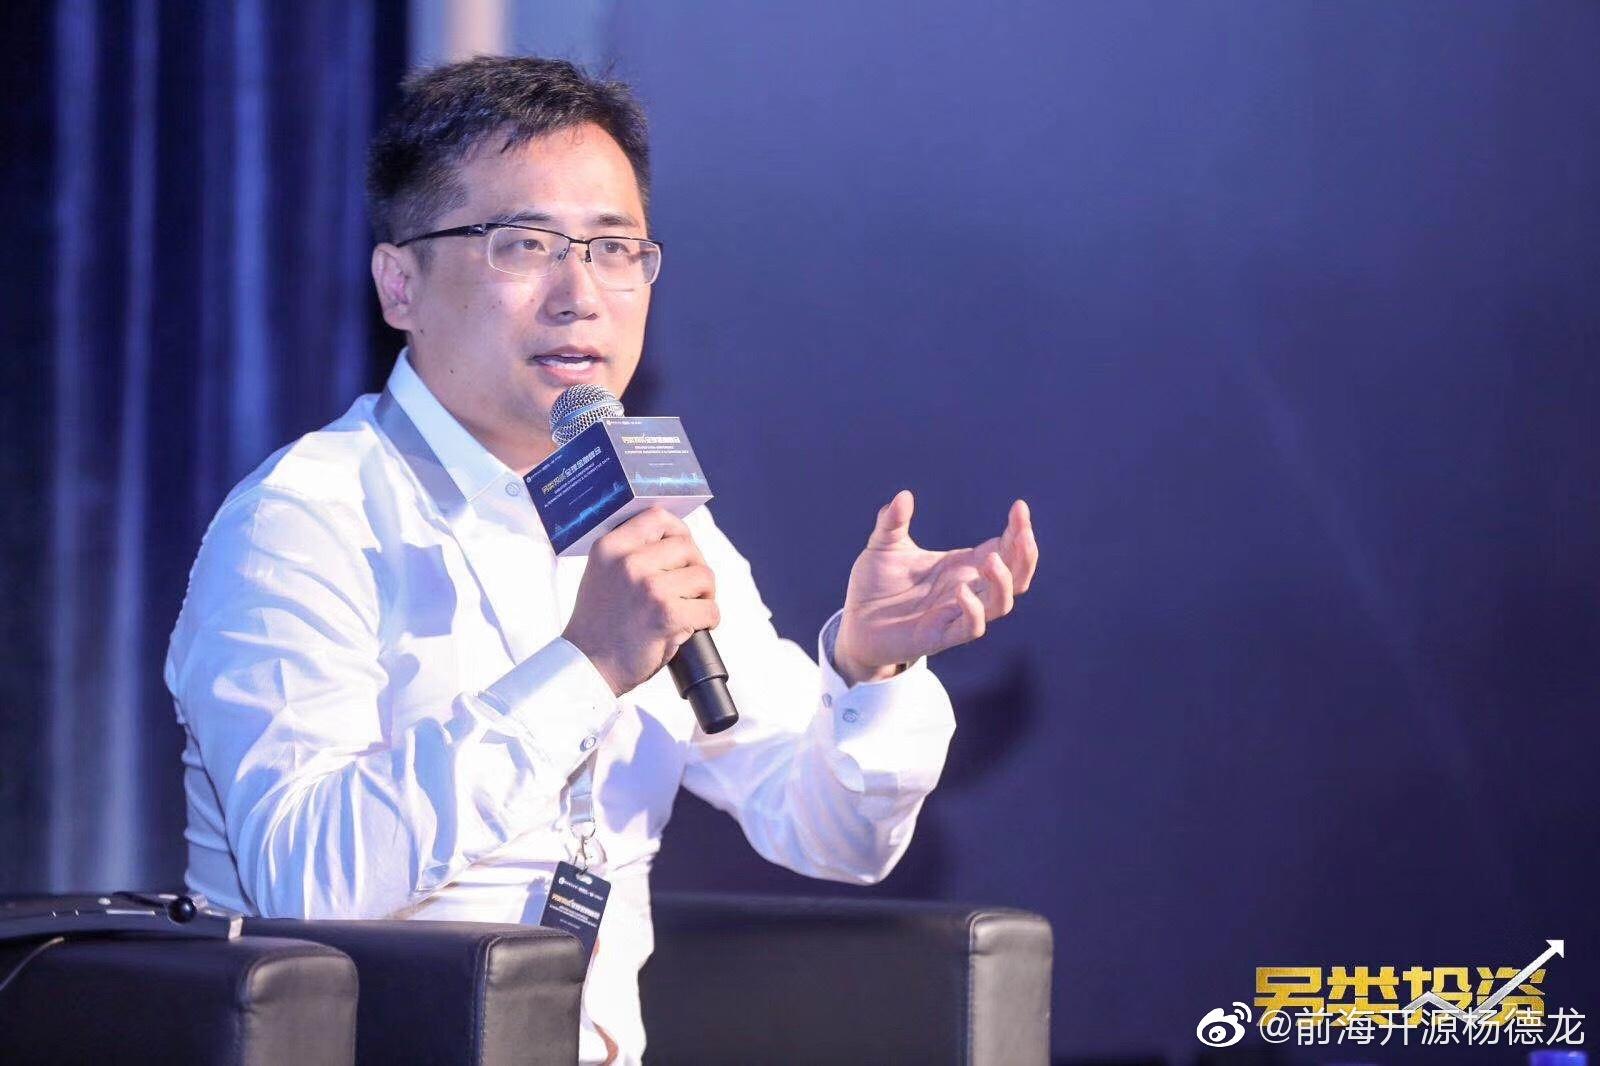 今天受邀参加中译语通主办的另类投资全球金融峰会,迎接AI投资时代